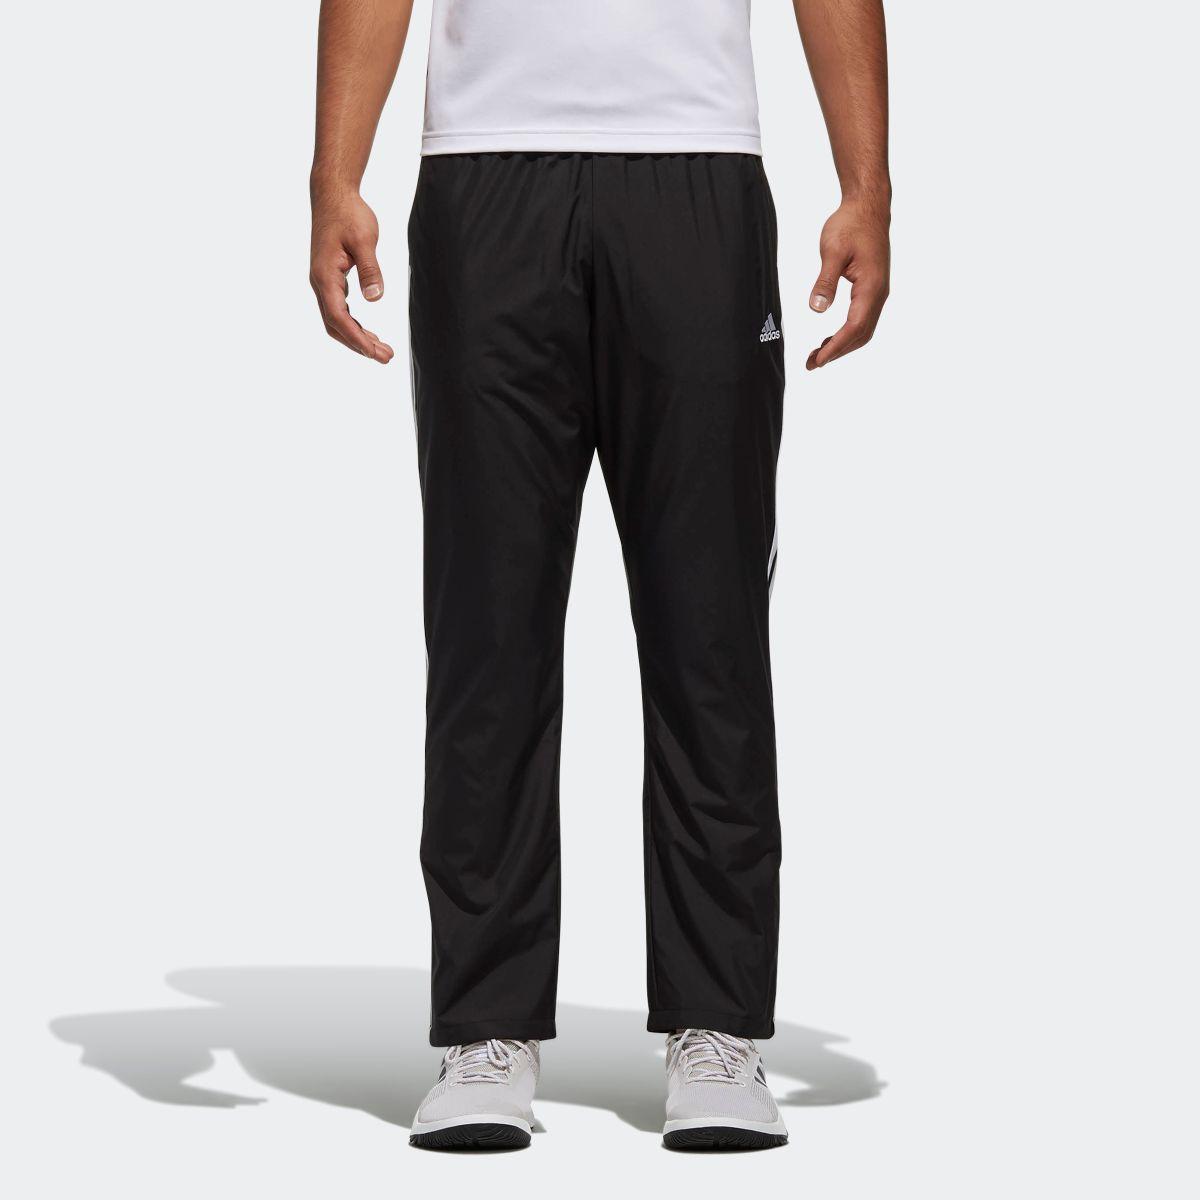 【公式】アディダス adidas M ESSENTIALS 3ストライプス ウインドパンツ (裏起毛) メンズ DN1355 ジム・トレーニング ウェア ポリエステル タフタ